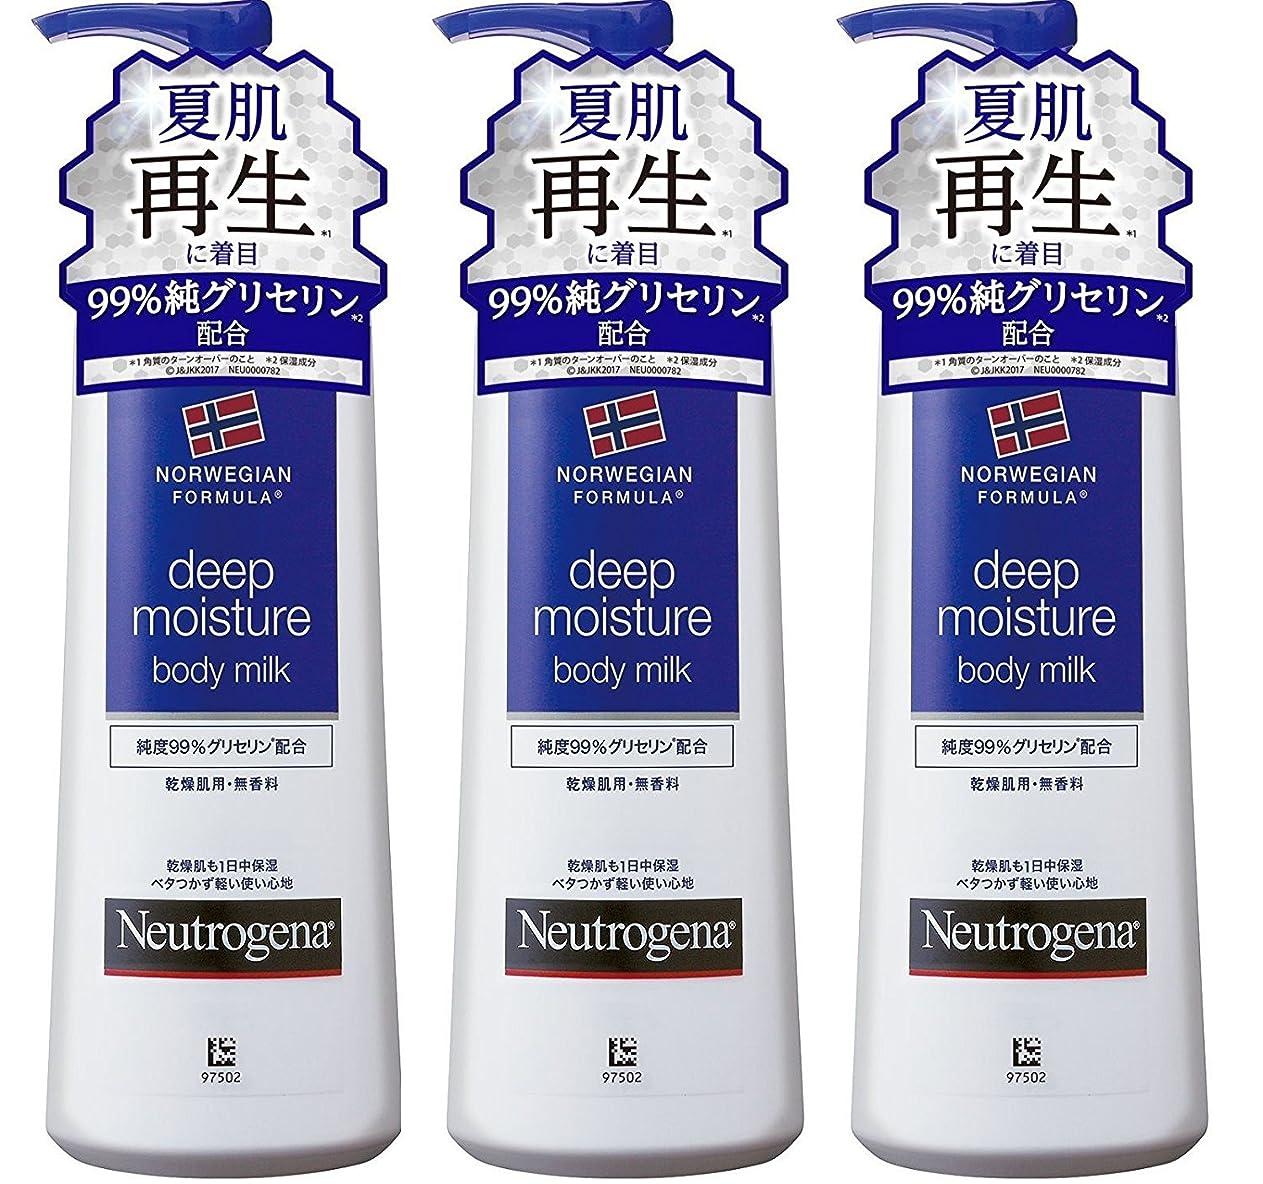 白雪姫利用可能合法Neutrogena(ニュートロジーナ) ノルウェーフォーミュラ ディープモイスチャー ボディミルク250mL×3セット